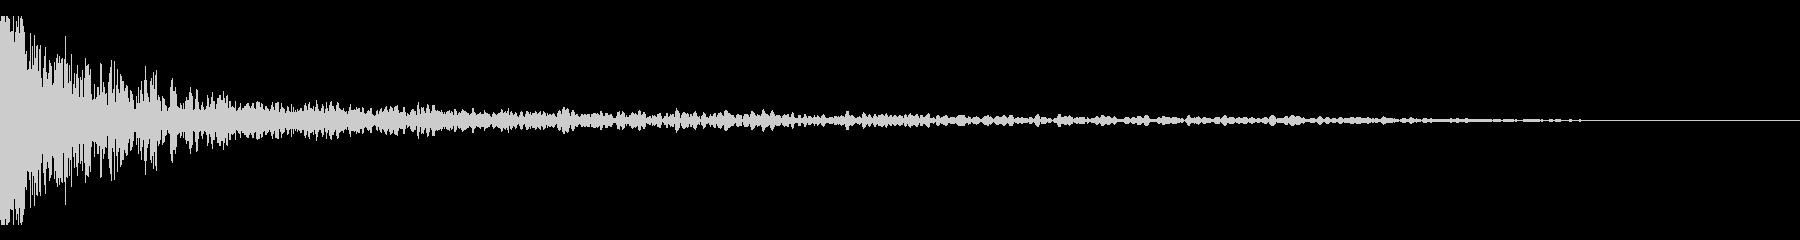 メタルヒット、ミディアム、リングの未再生の波形